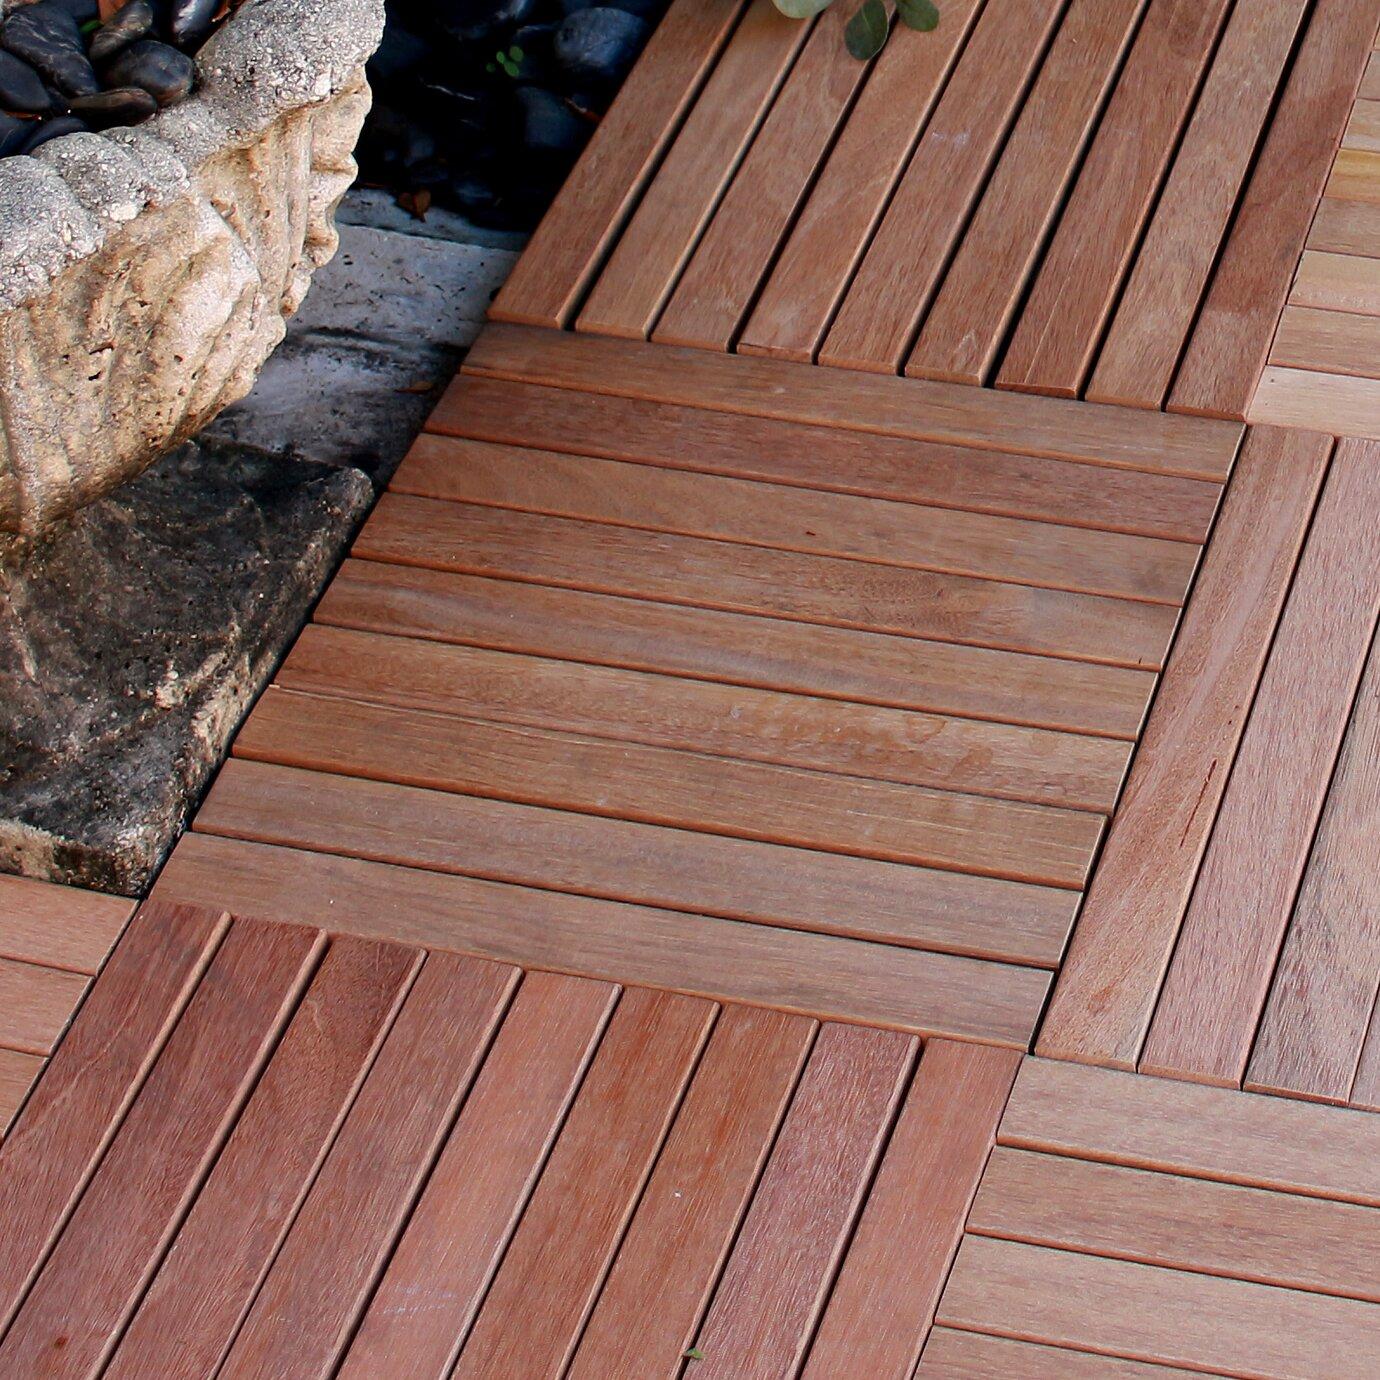 Sfi engineered wood floors reviews - Le Click 16 Engineered Teak Hardwood Flooring In Natural